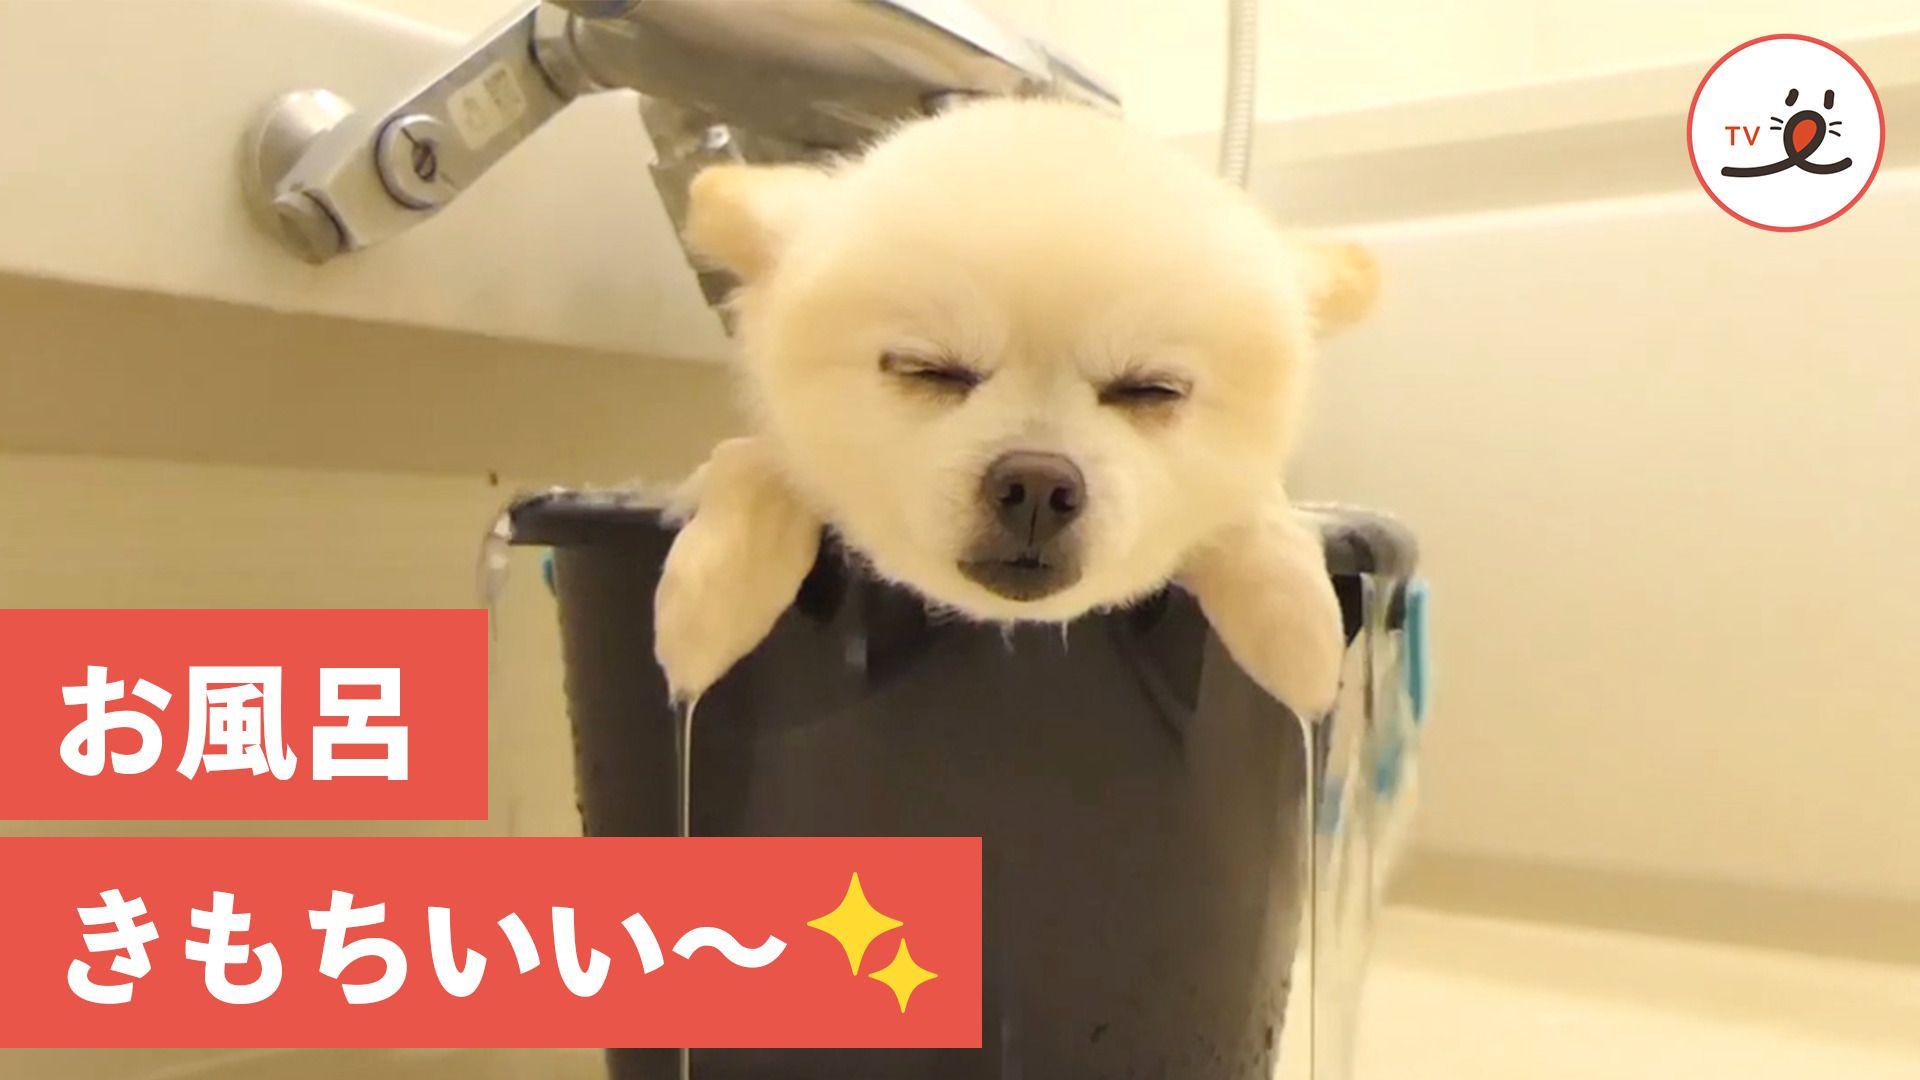 湯船でまったり お風呂が大好きなワンコさん Peco ペコ ワンコ まったり 可愛い犬